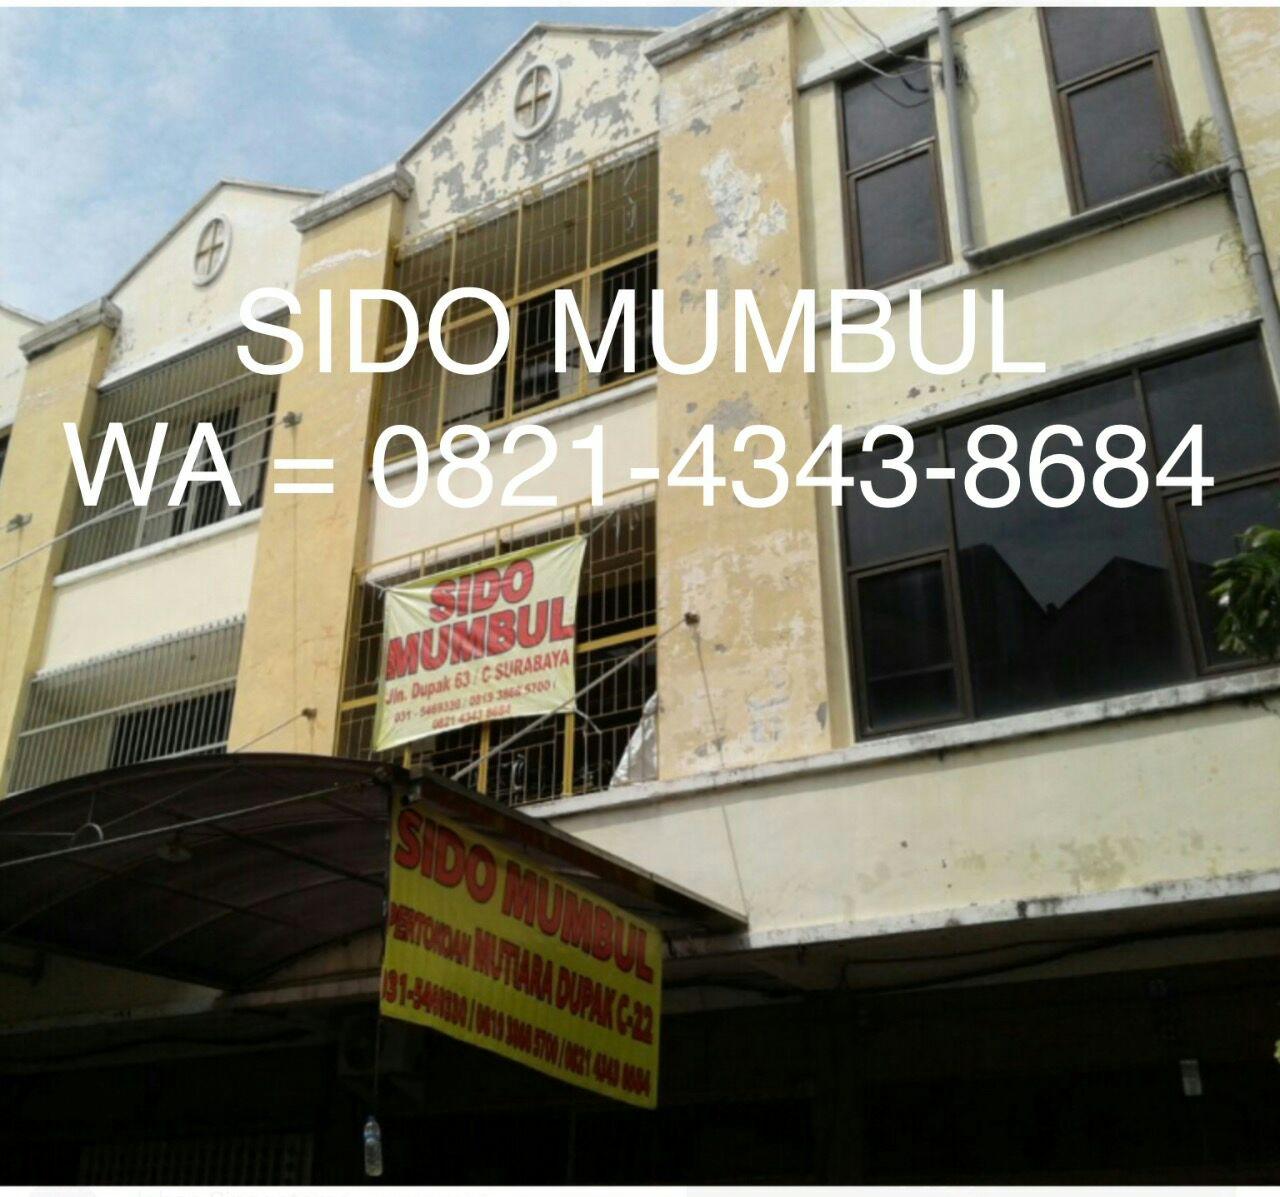 UD. SIDO MUMBUL - Jln. Dupak 63 / Pertokoan Mutiara Dupak C-22, 031-5469330 / 0821-4343-8684, Surabaya.